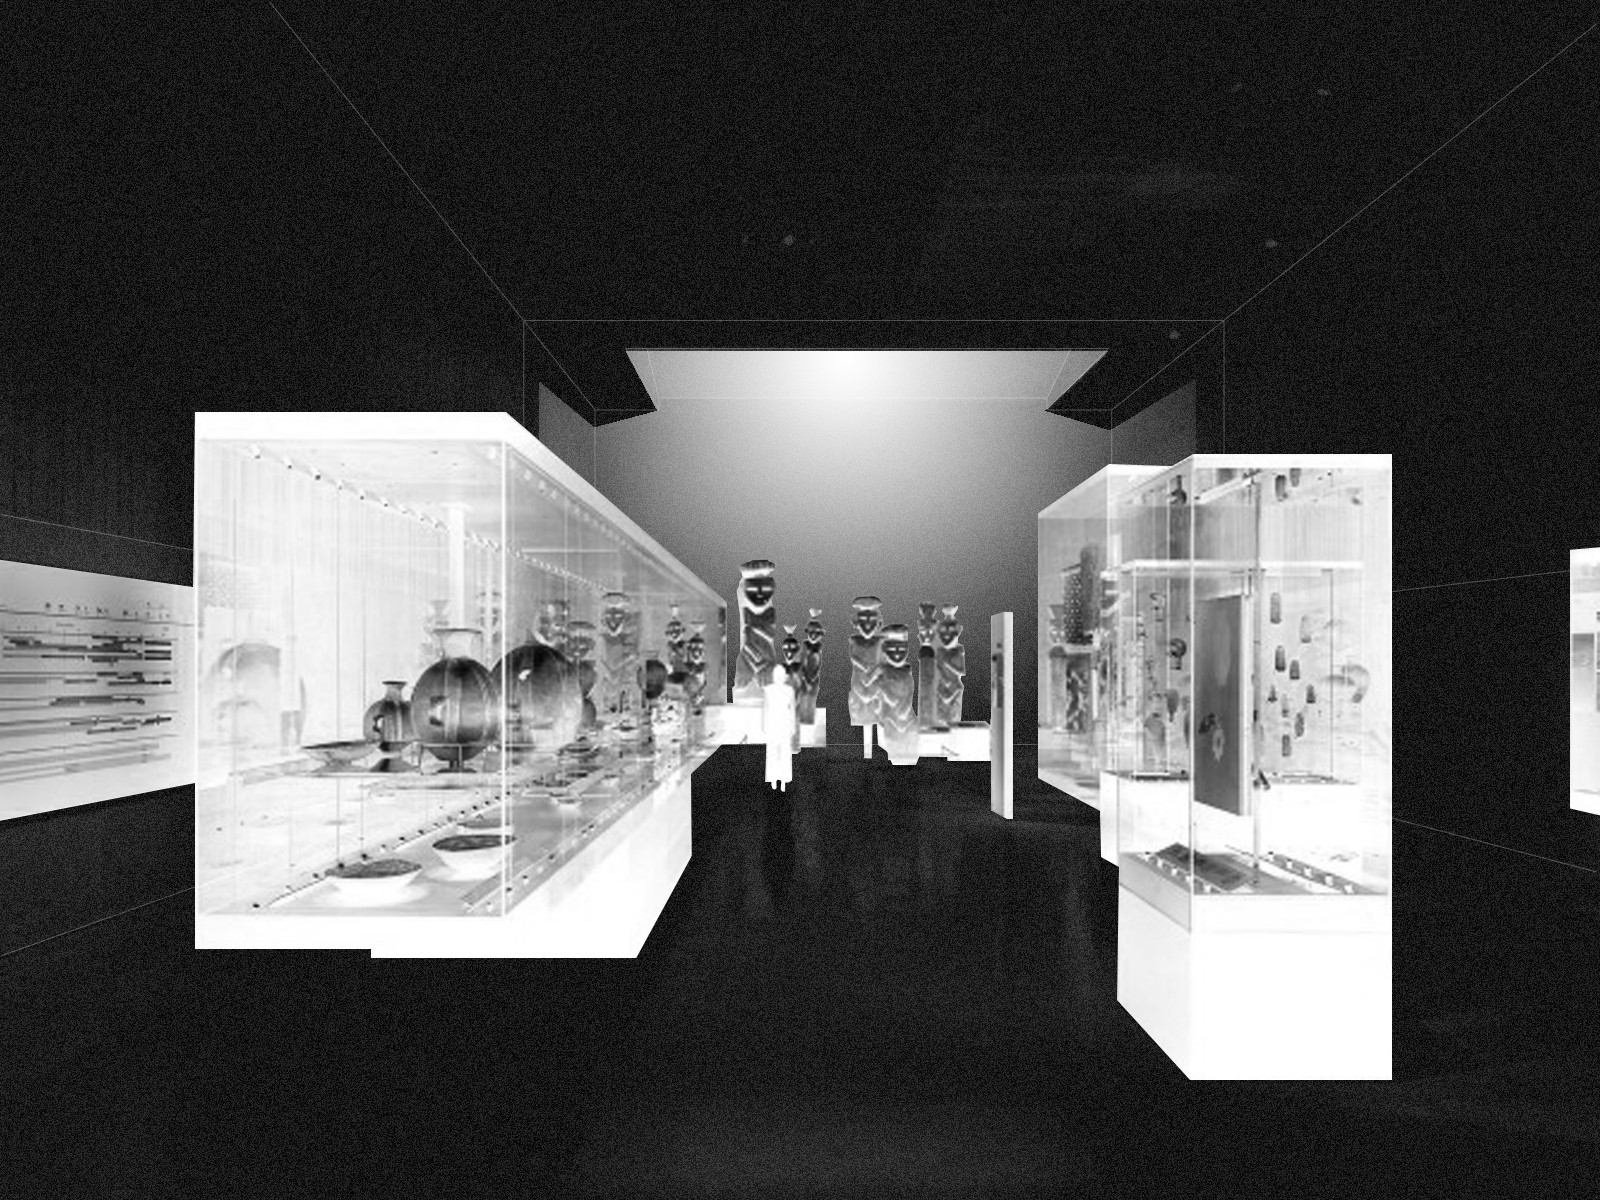 Las cajas de luz del Museo Chileno de Arte Precolombino. Image Cortesia de Óscar Aceves Álvarez